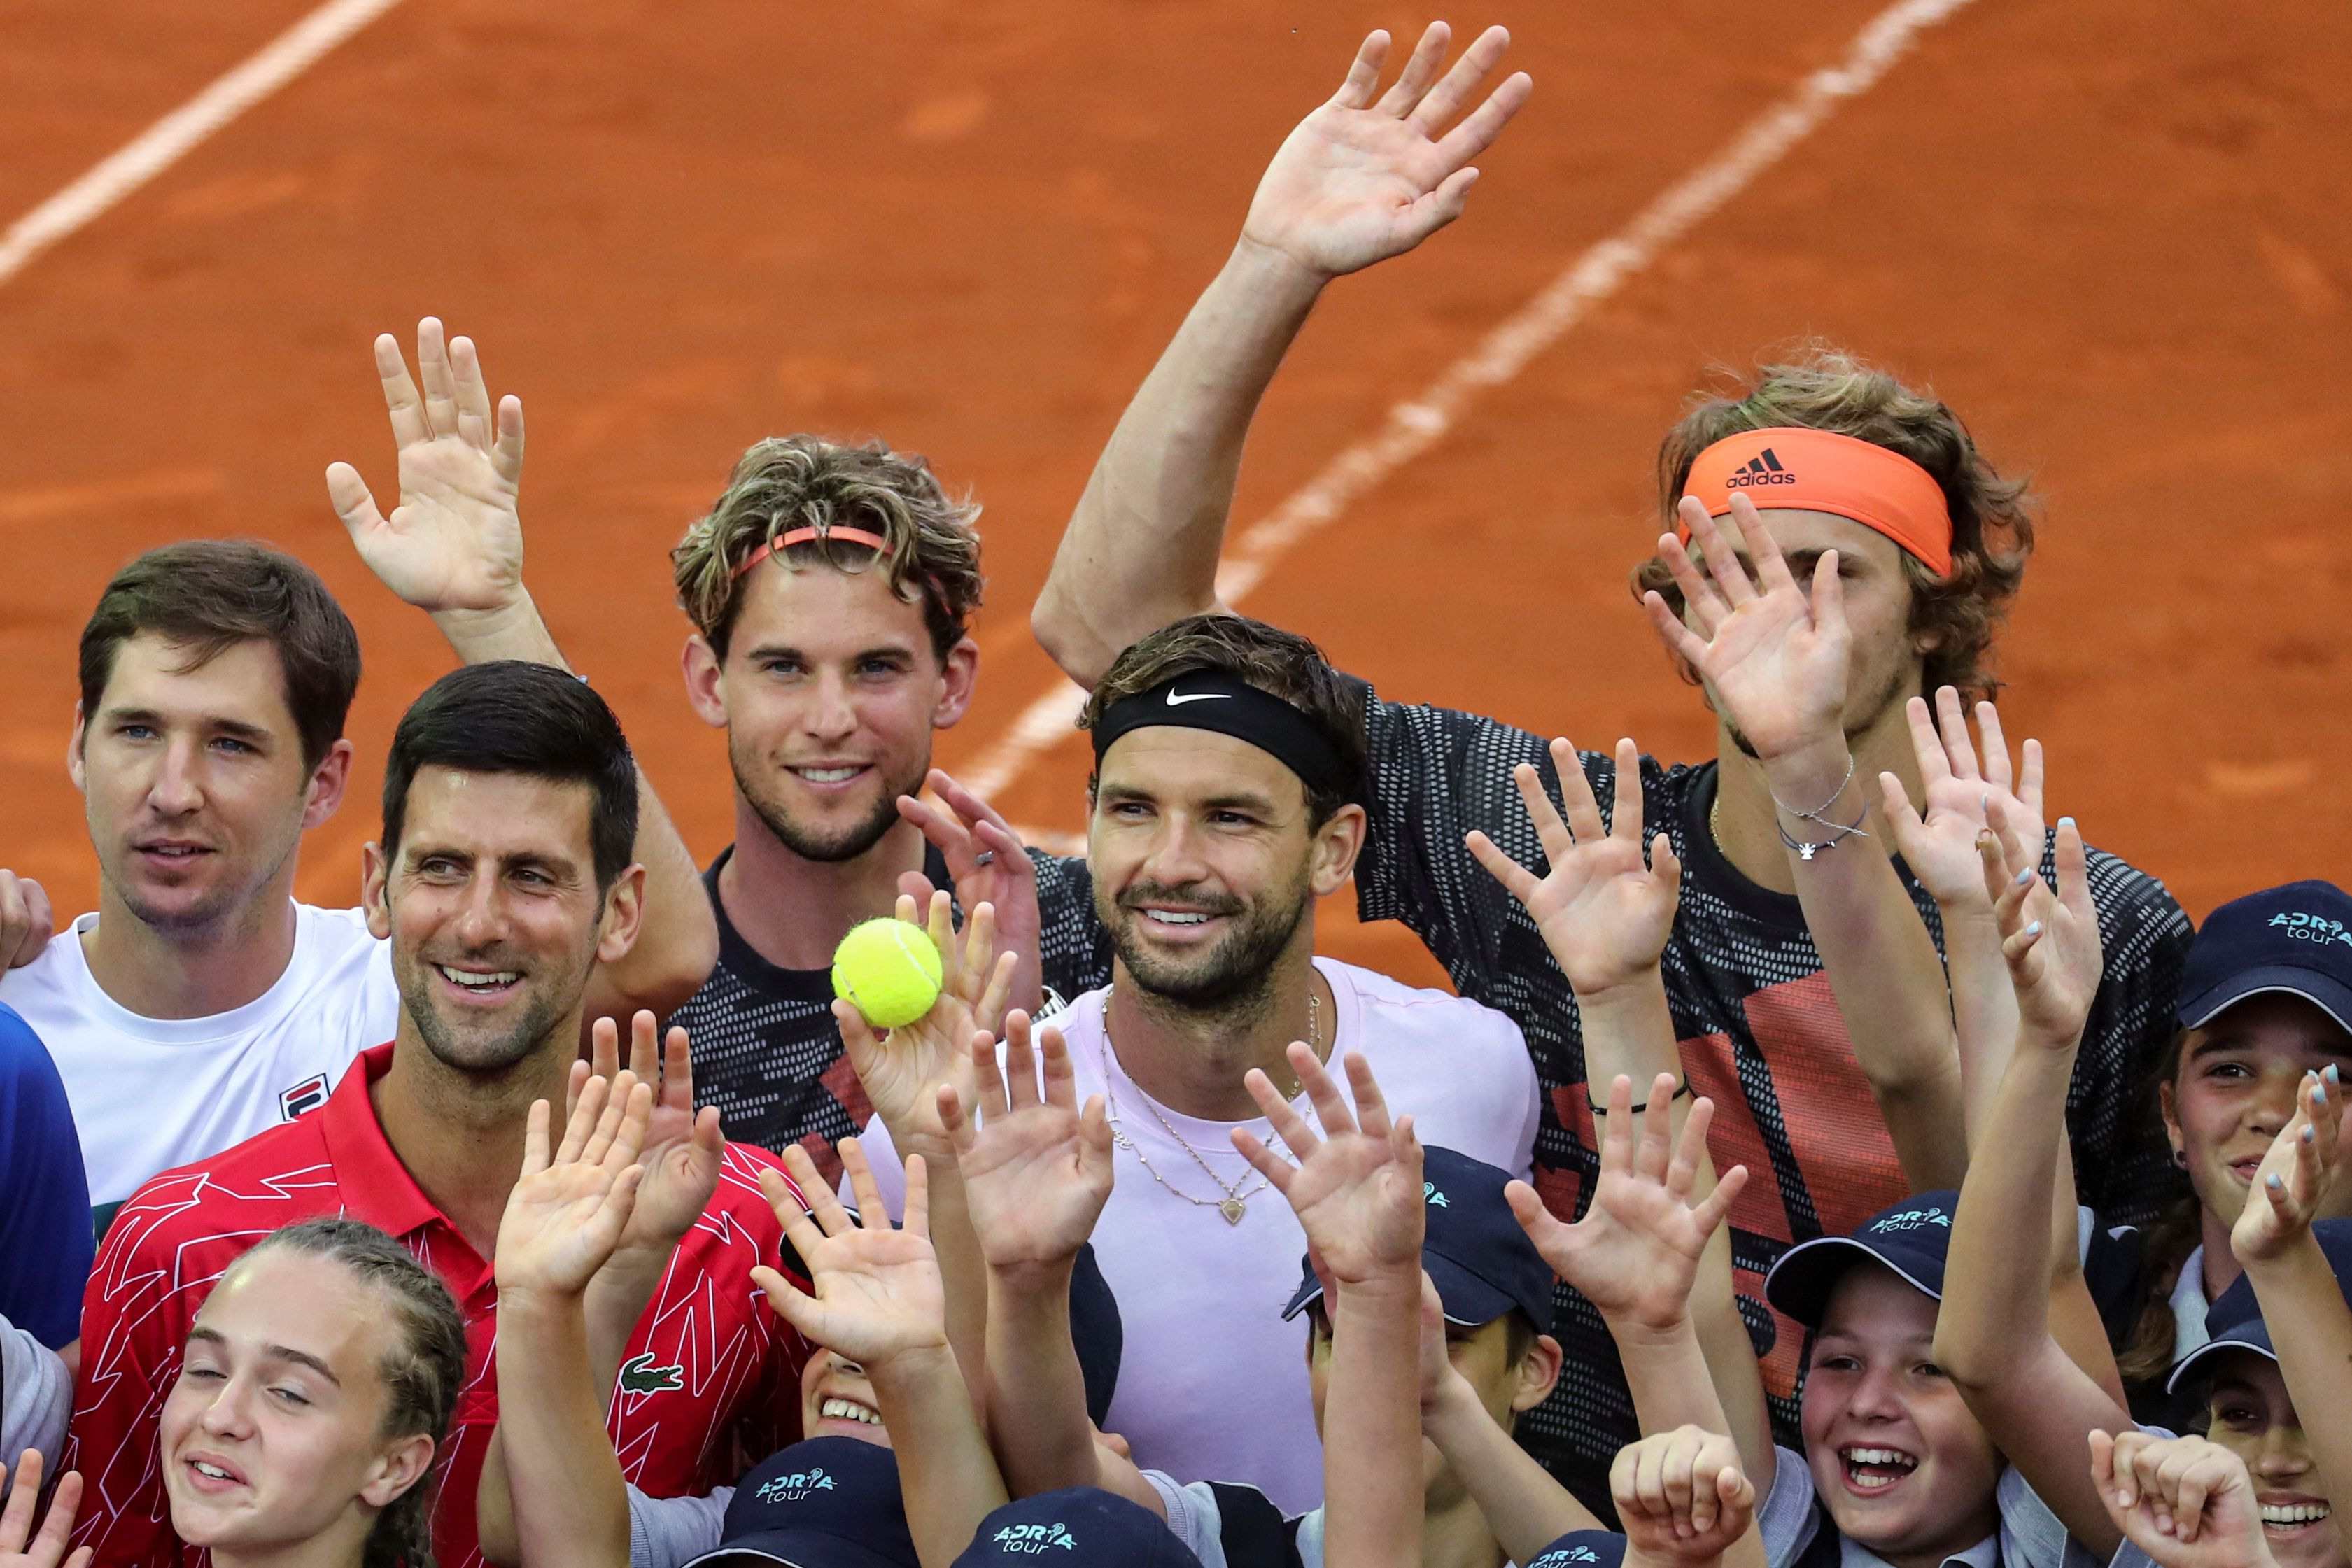 Grigor Dimitrov, Djokovic, Dusan Lajovic,Dominic Thiem y Alexander Zverev, algunos de los tenistas que participaron del Adria Tour (REUTERS/Marko Djurica)